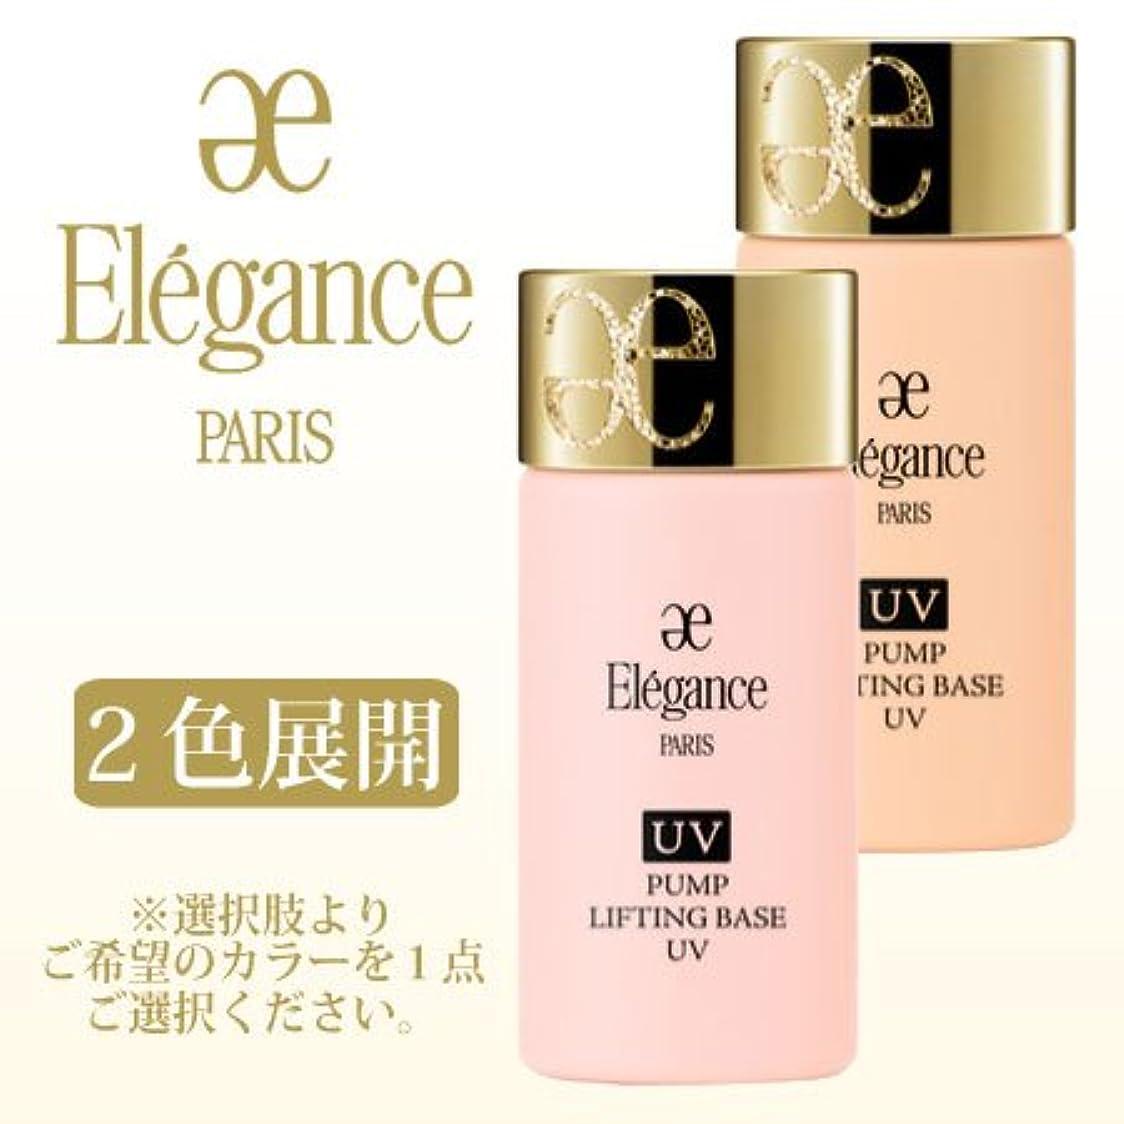 フォルダシルエット沿ってエレガンス パンプリフティング ベース UV 30ml 全2色展開 -ELEGANCE- BE991